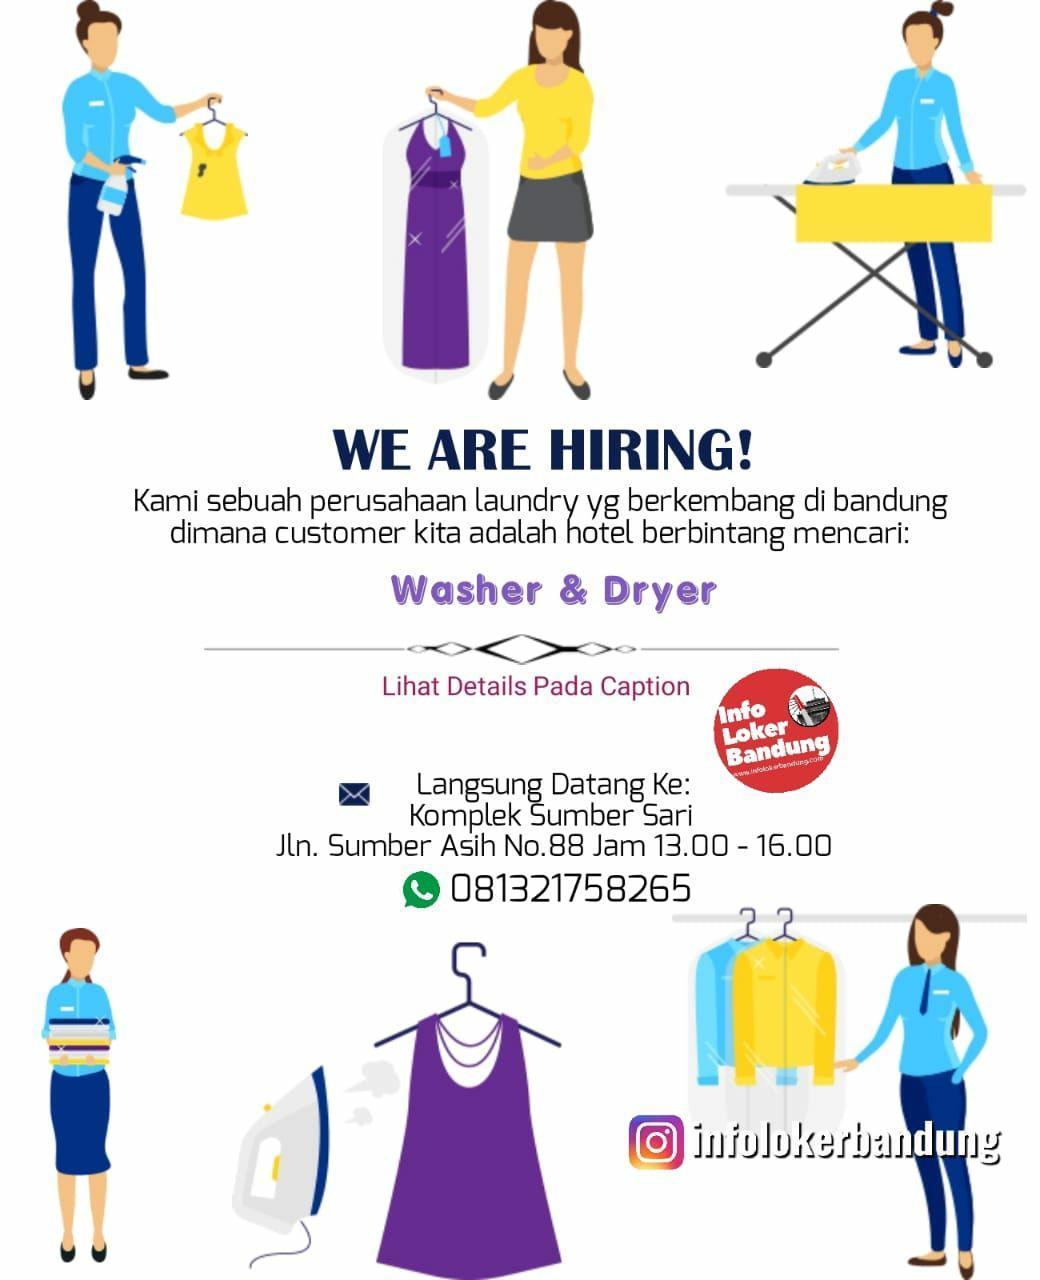 Lowongan Kerja Washer & Dryer Perushaan Laundry Bandung Maret 2019